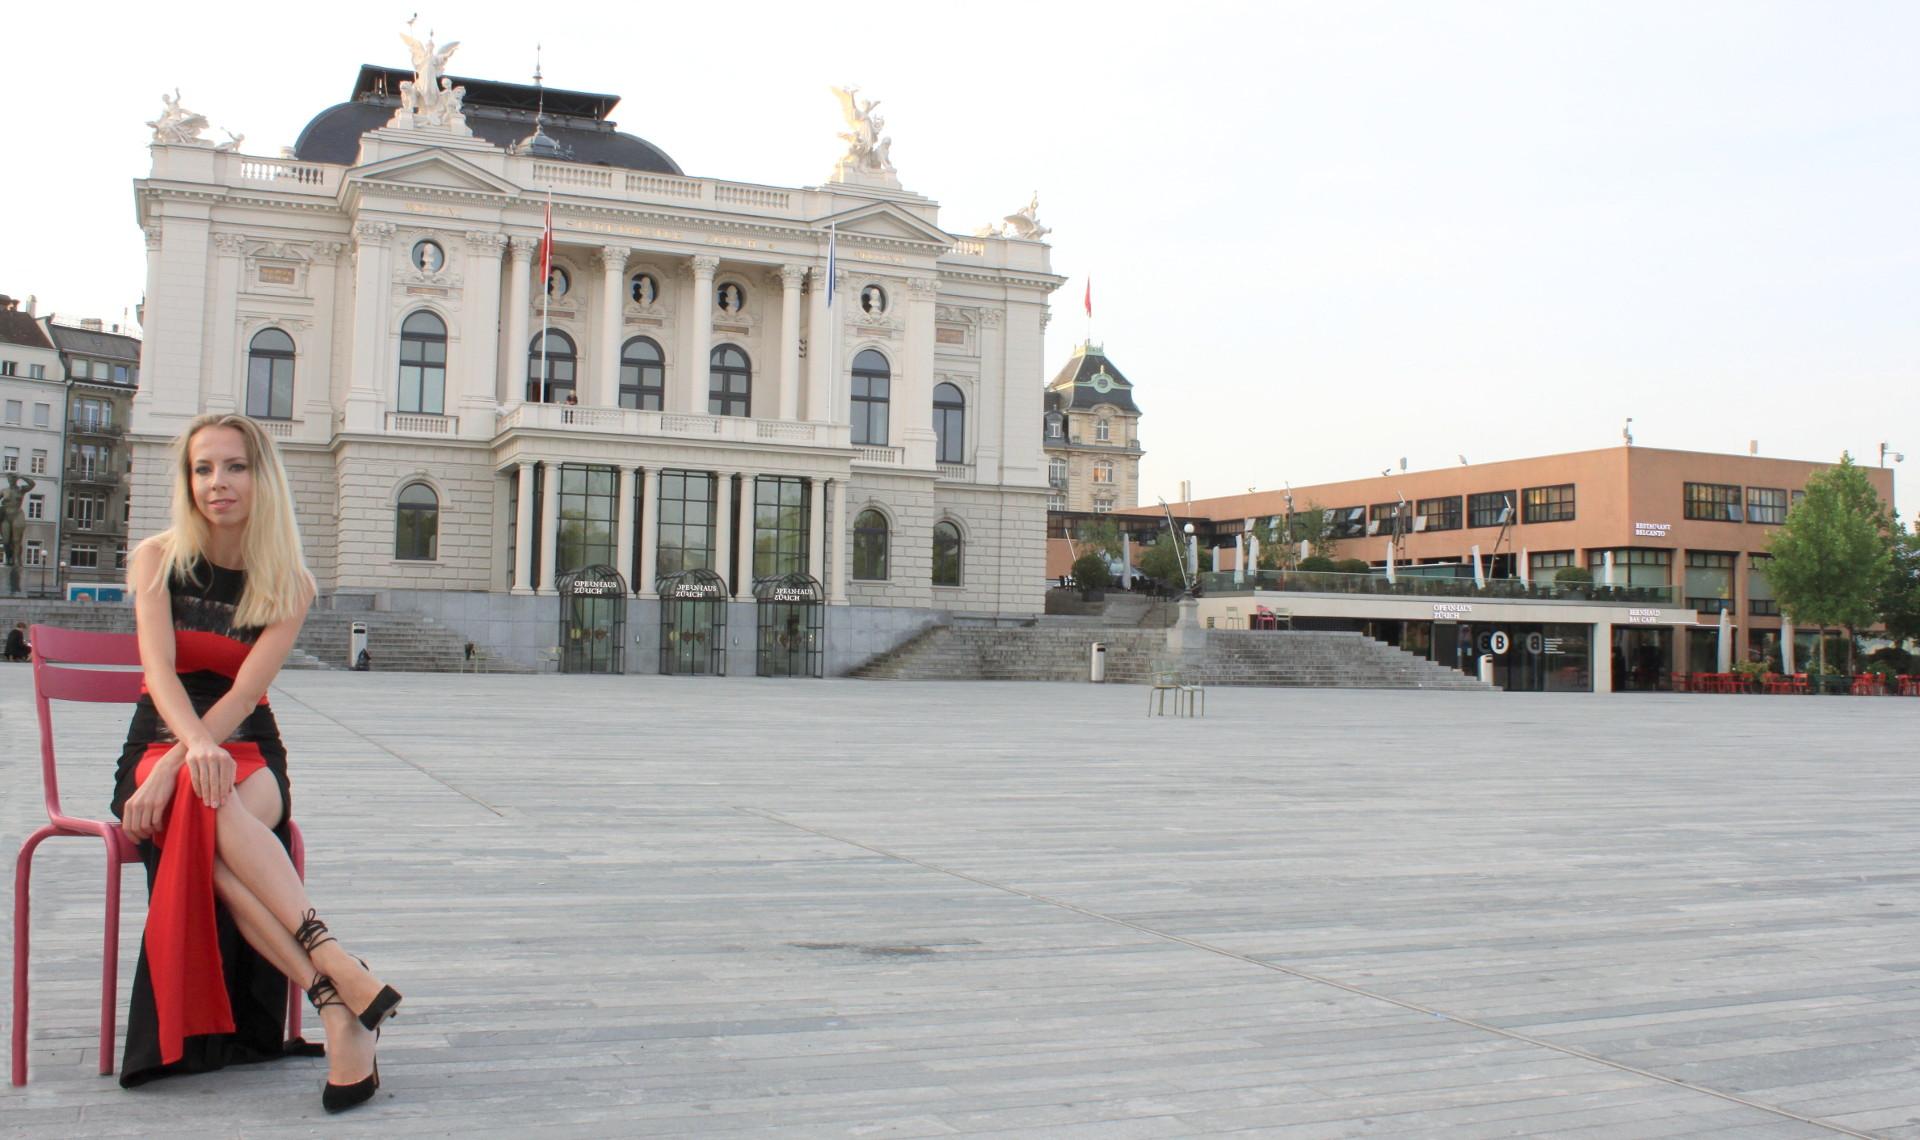 szwajcaria zurych zurich opera dluga suknia elegancka igla nosi iglawpodrozy